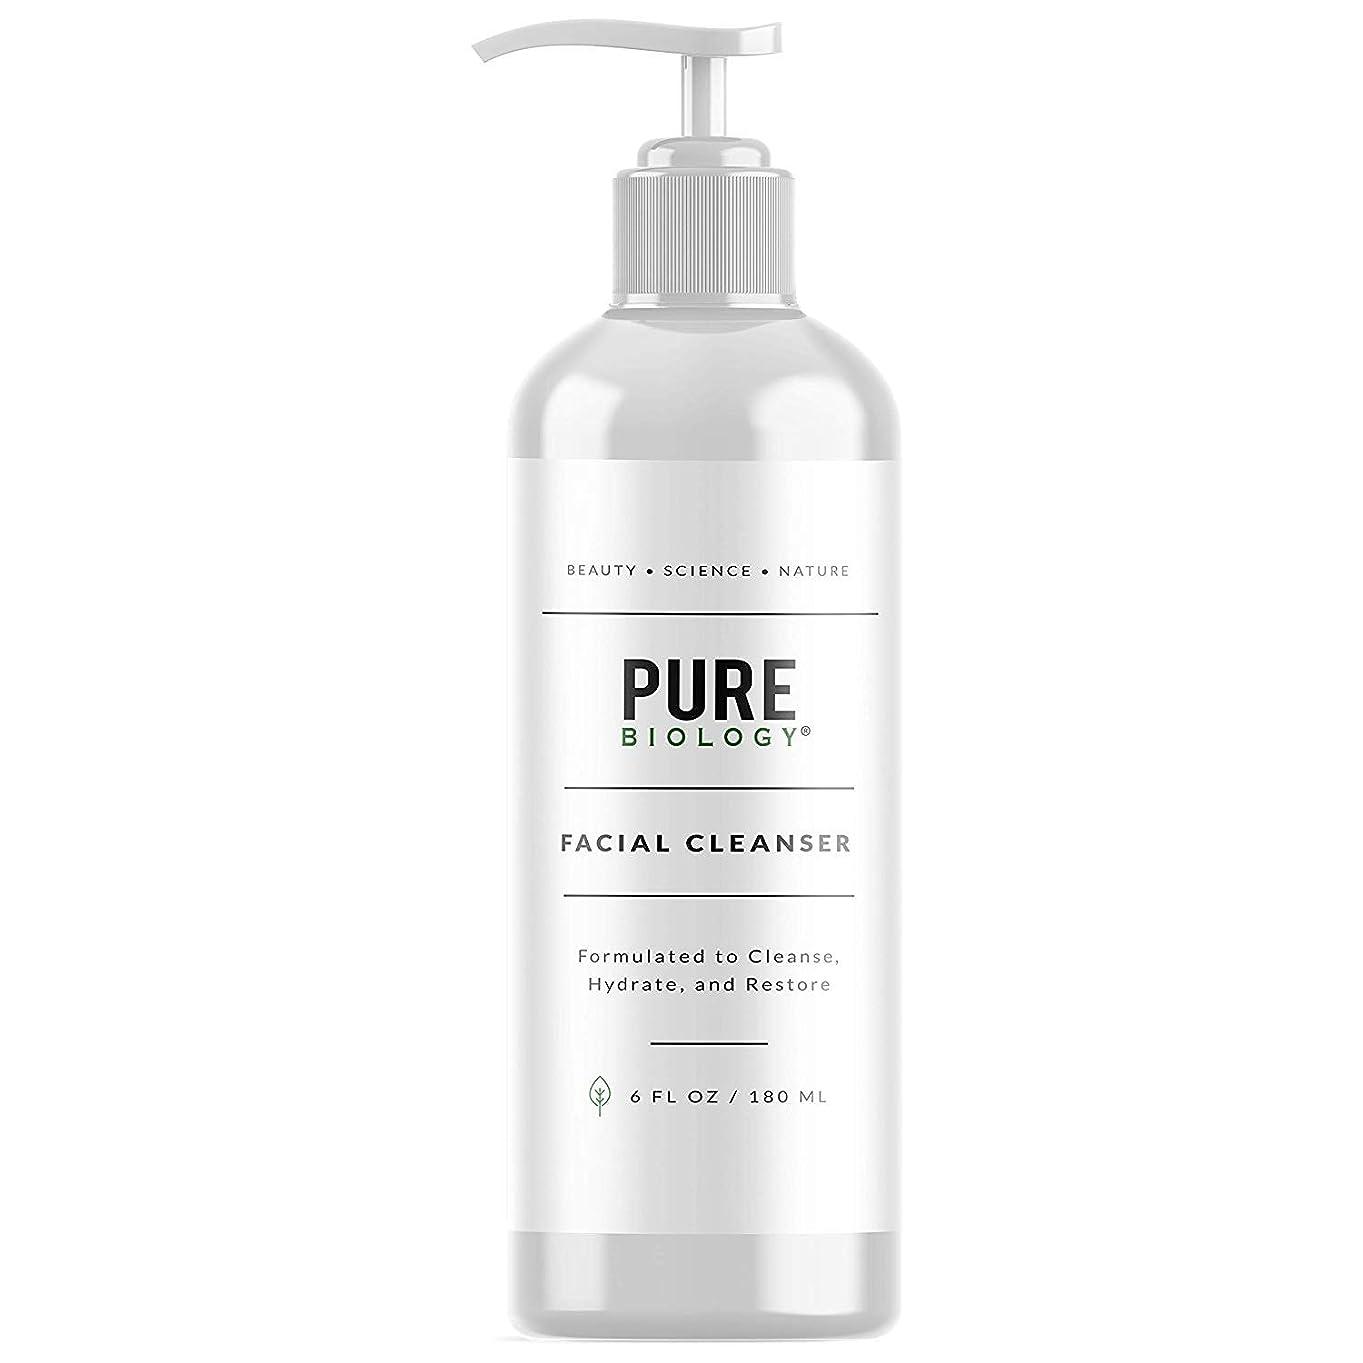 無人不可能な保証金[Pure Biology] [Premium Facial Cleanser with Hyaluronic Acid, Natural Essential Oils & Anti Aging Complex – Face Wash Firms, Tightens Wrinkles, Lightens Dark Circles, Dark Spots] (並行輸入品)